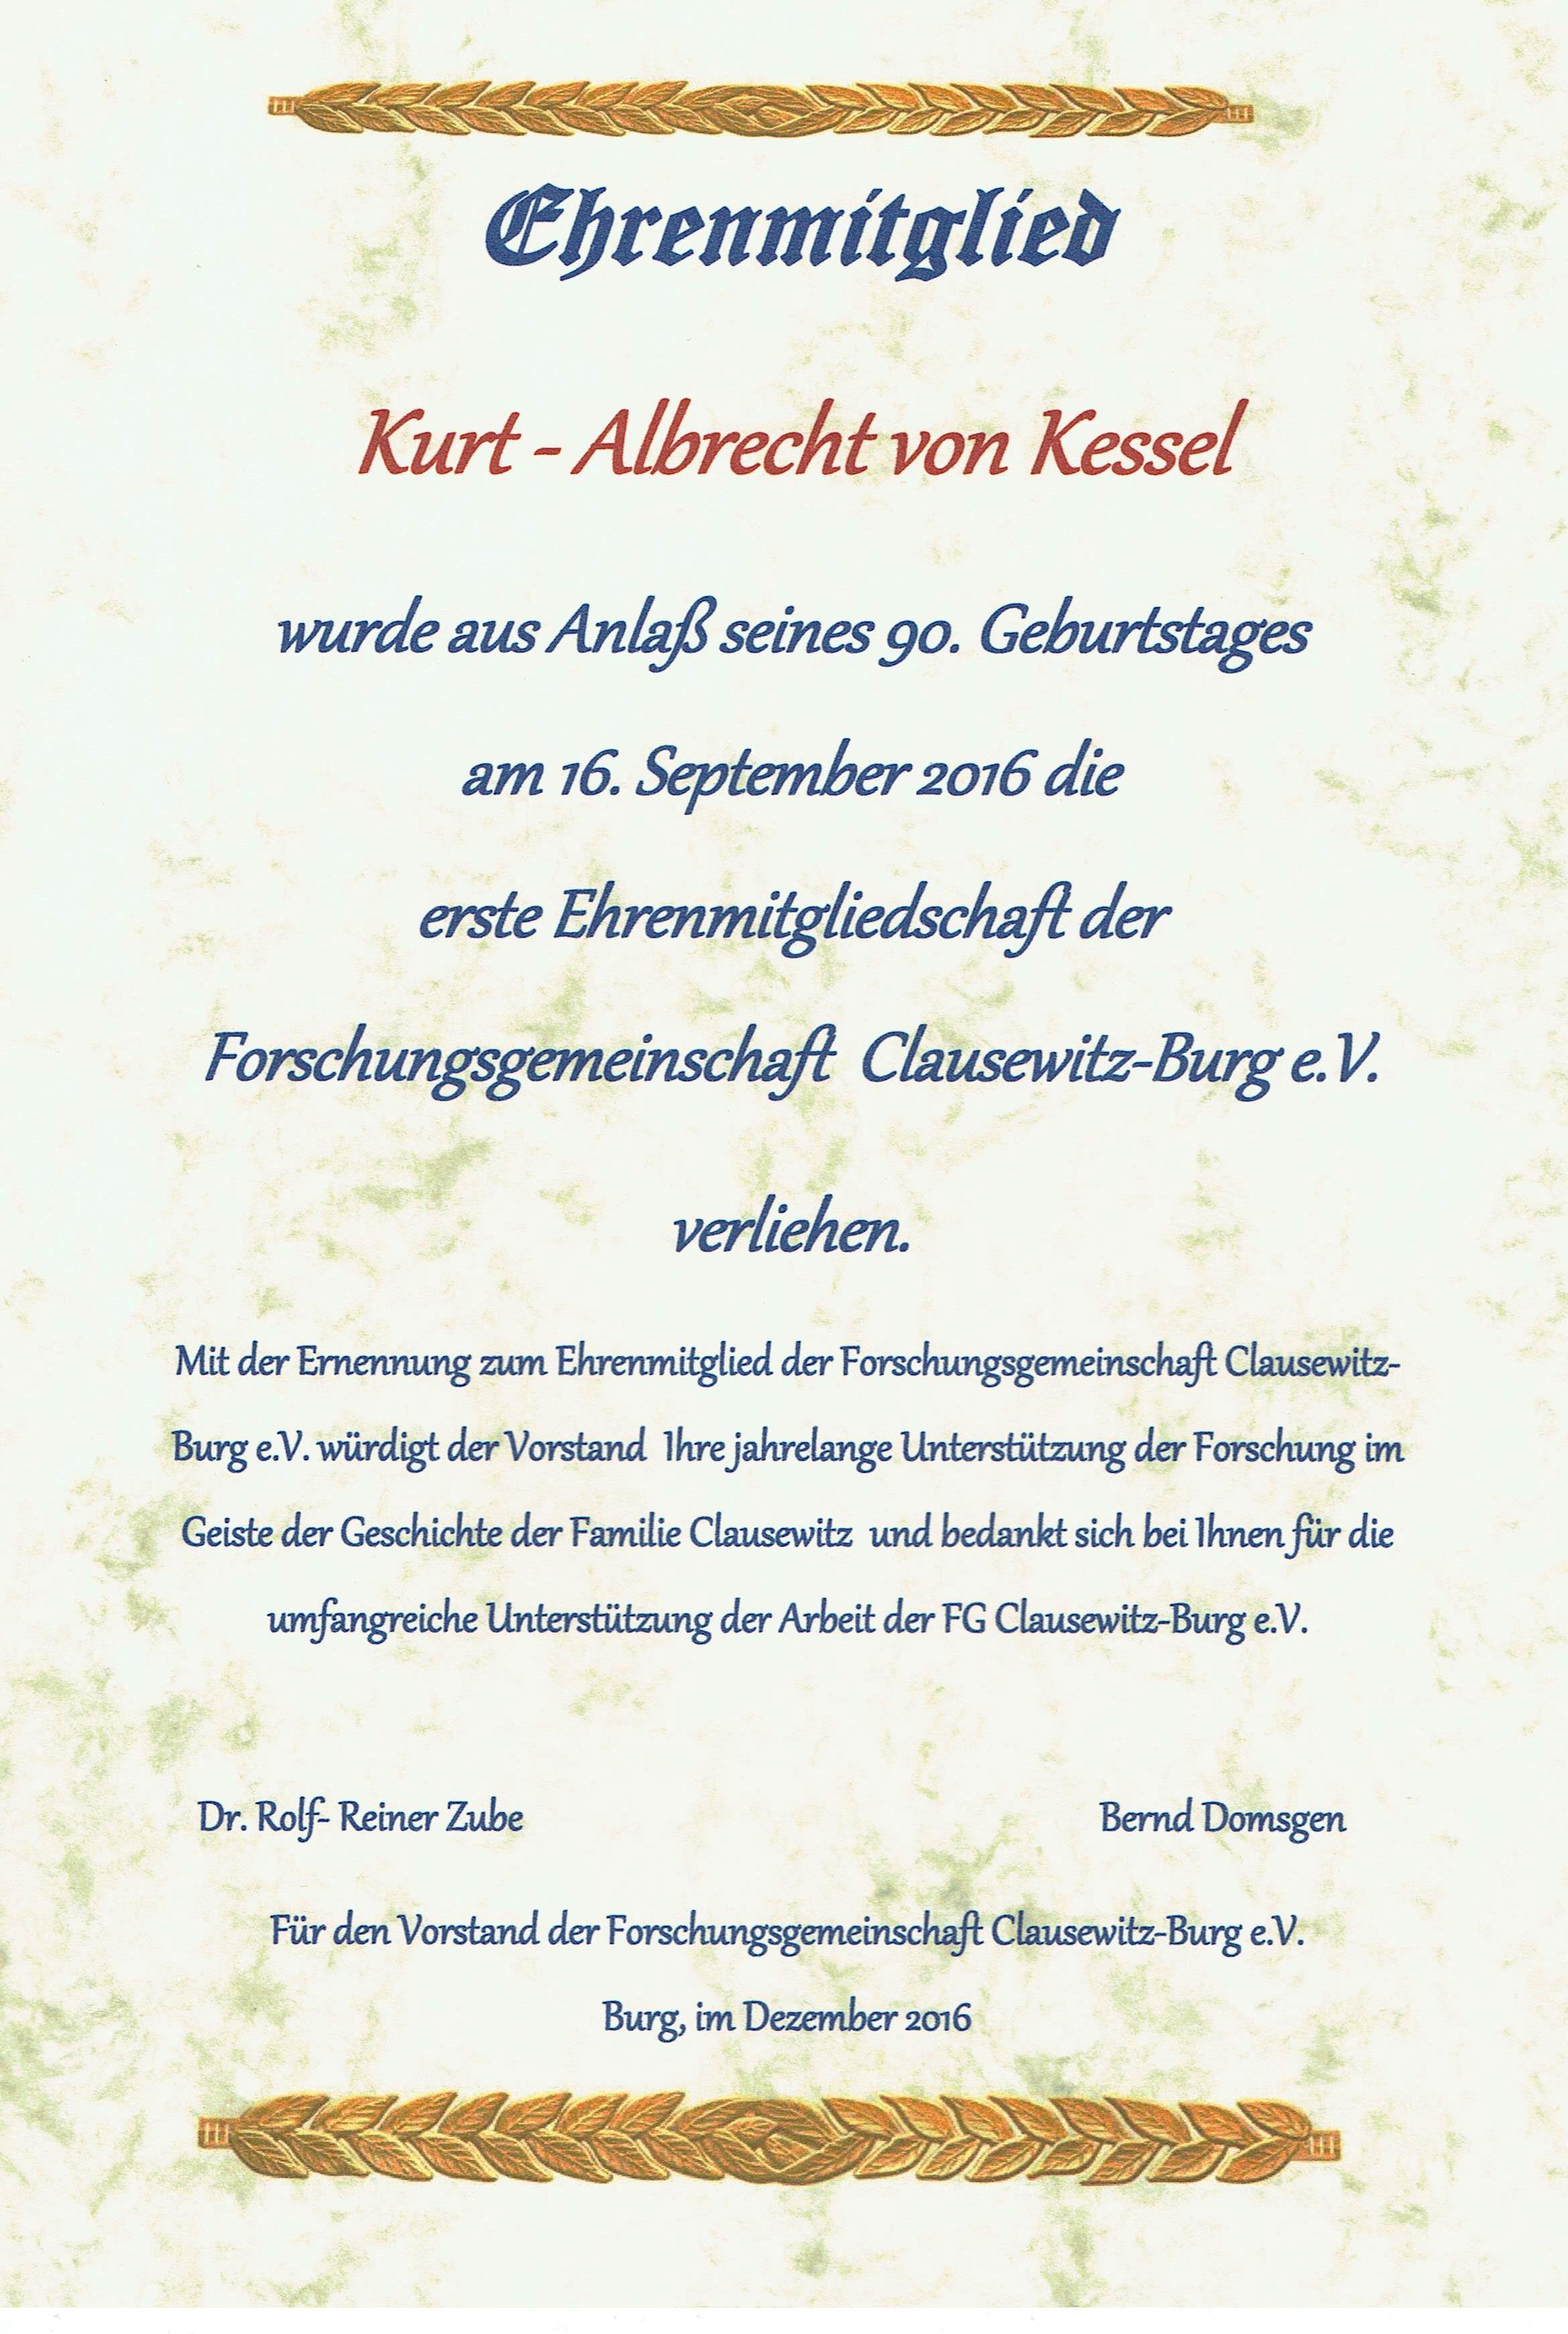 Urkunde zur Ehrenmitgliedschaft der Forschungsgemeinschaft ...